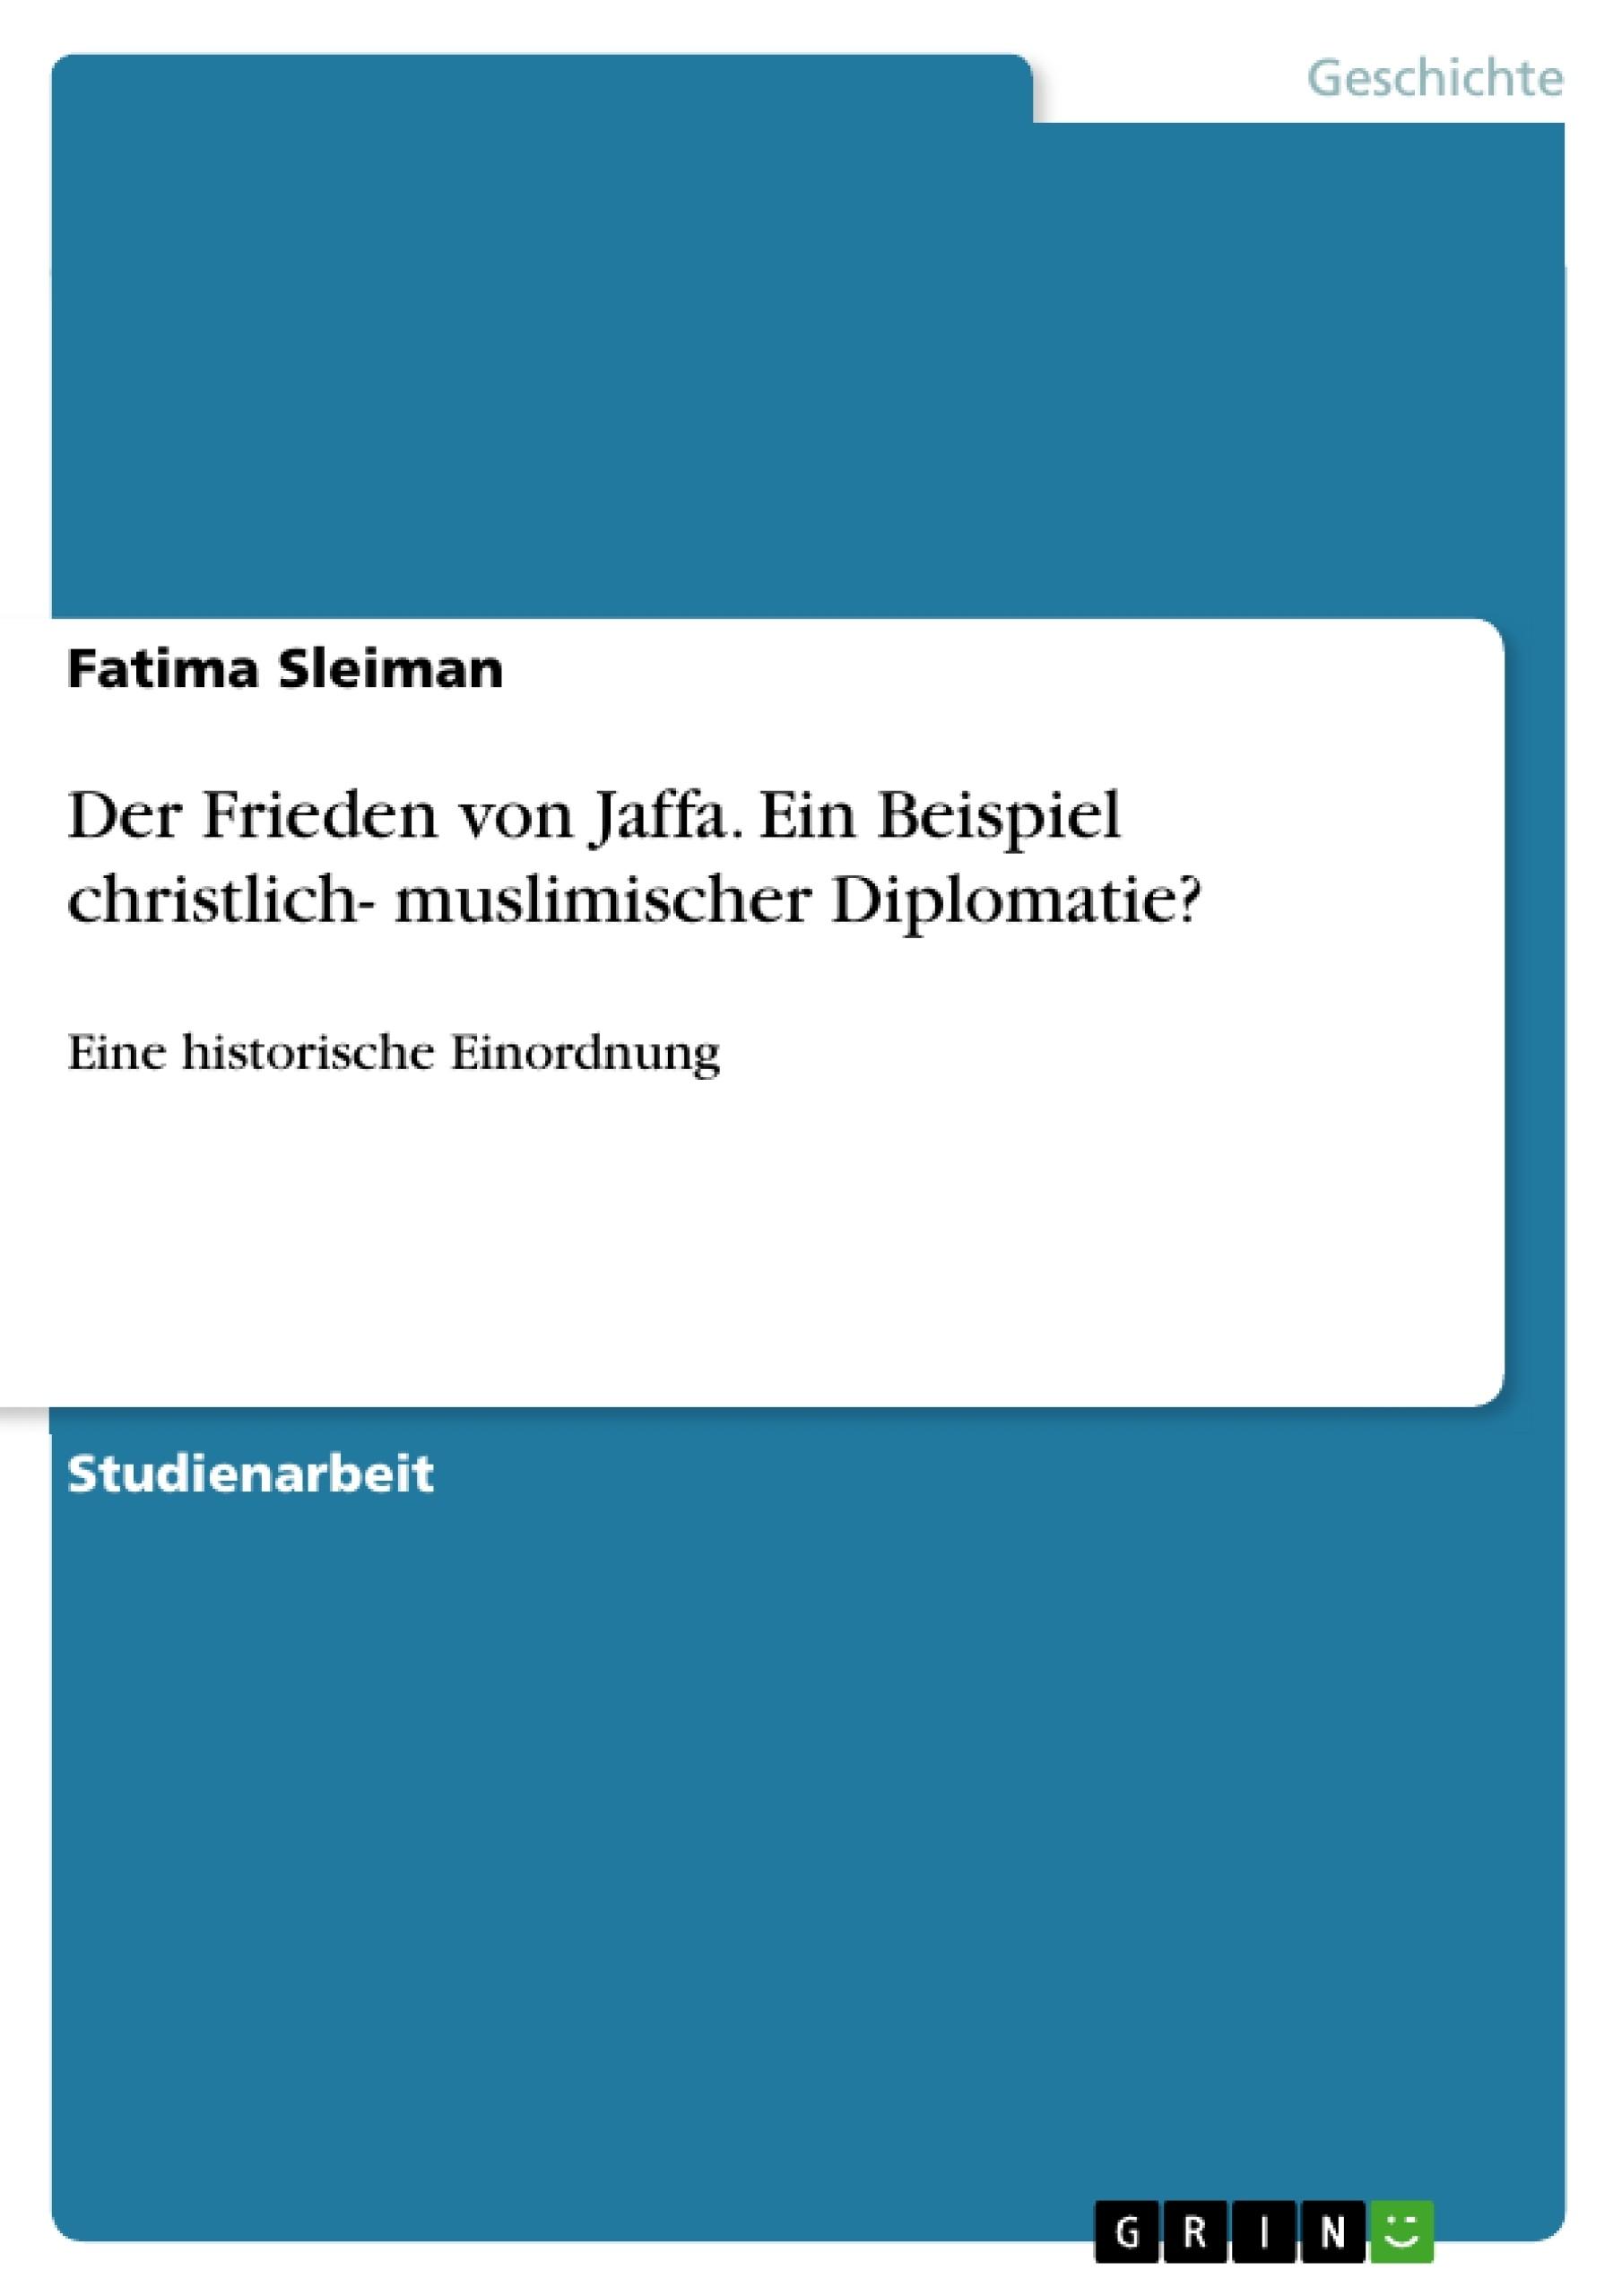 Titel: Der Frieden von Jaffa. Ein Beispiel christlich- muslimischer Diplomatie?